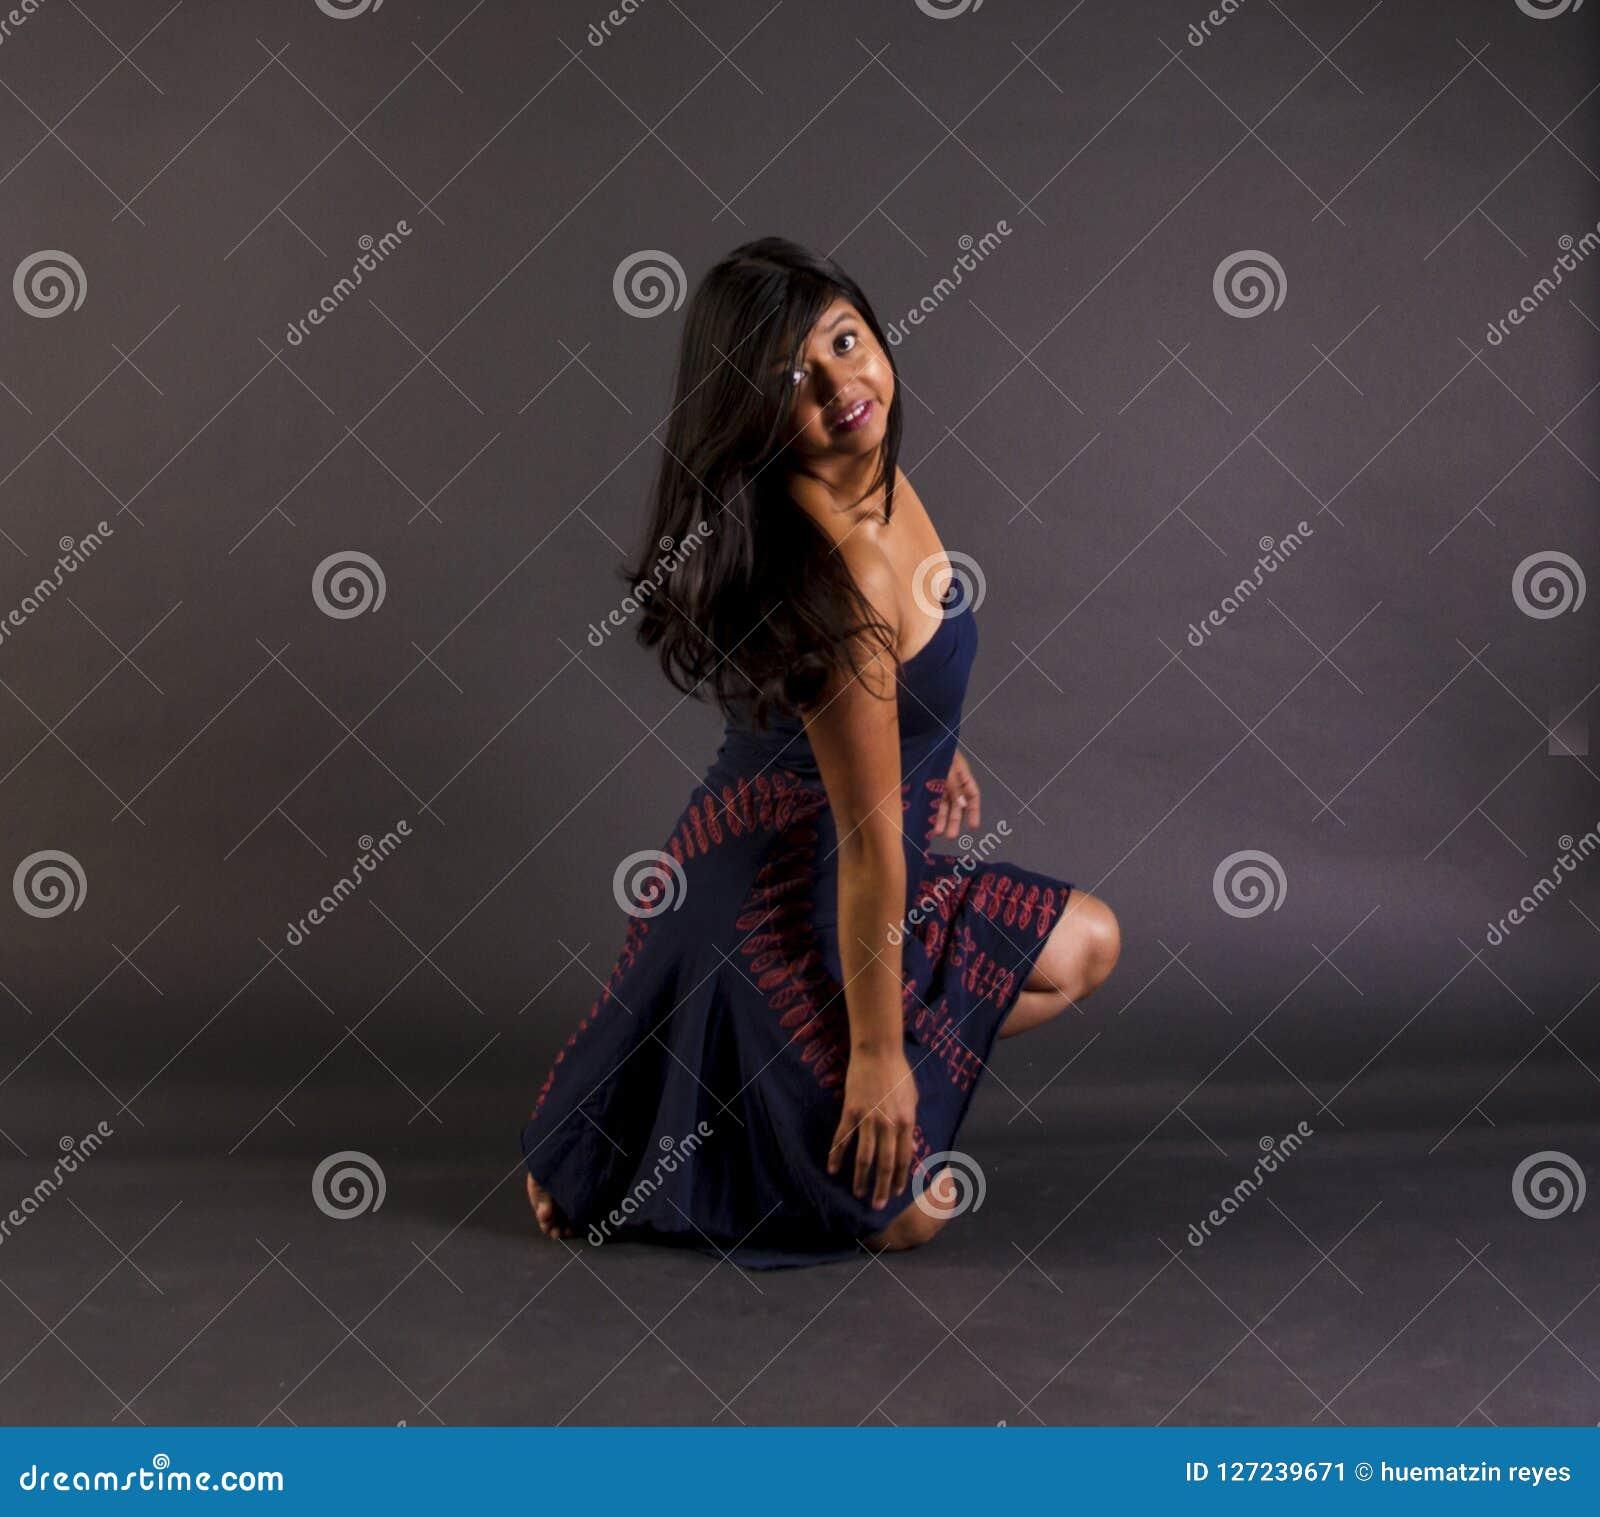 Que paso con el vestido azul y negro